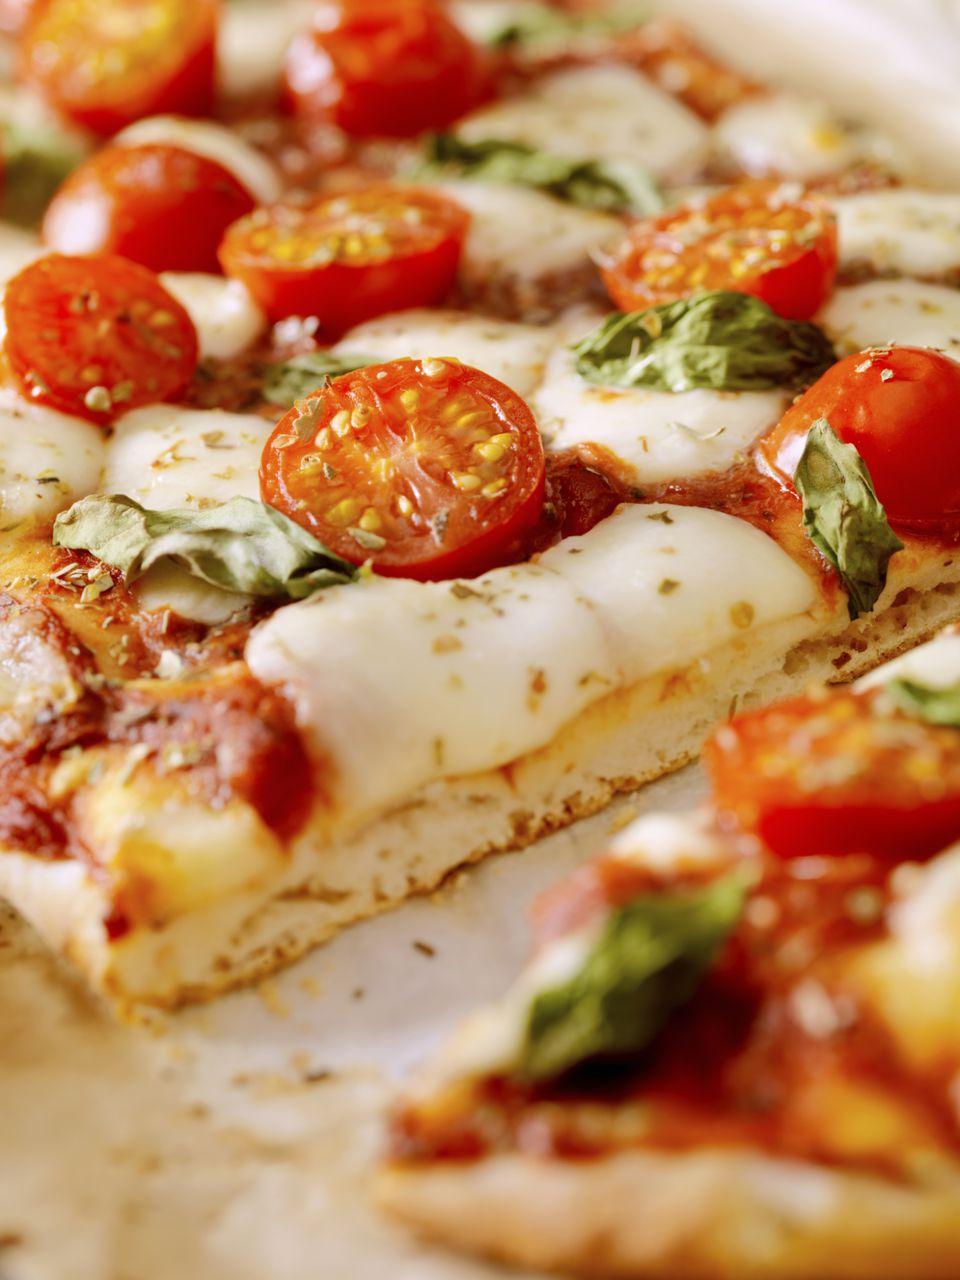 Receta de pizza cuadrada al estilo siciliano